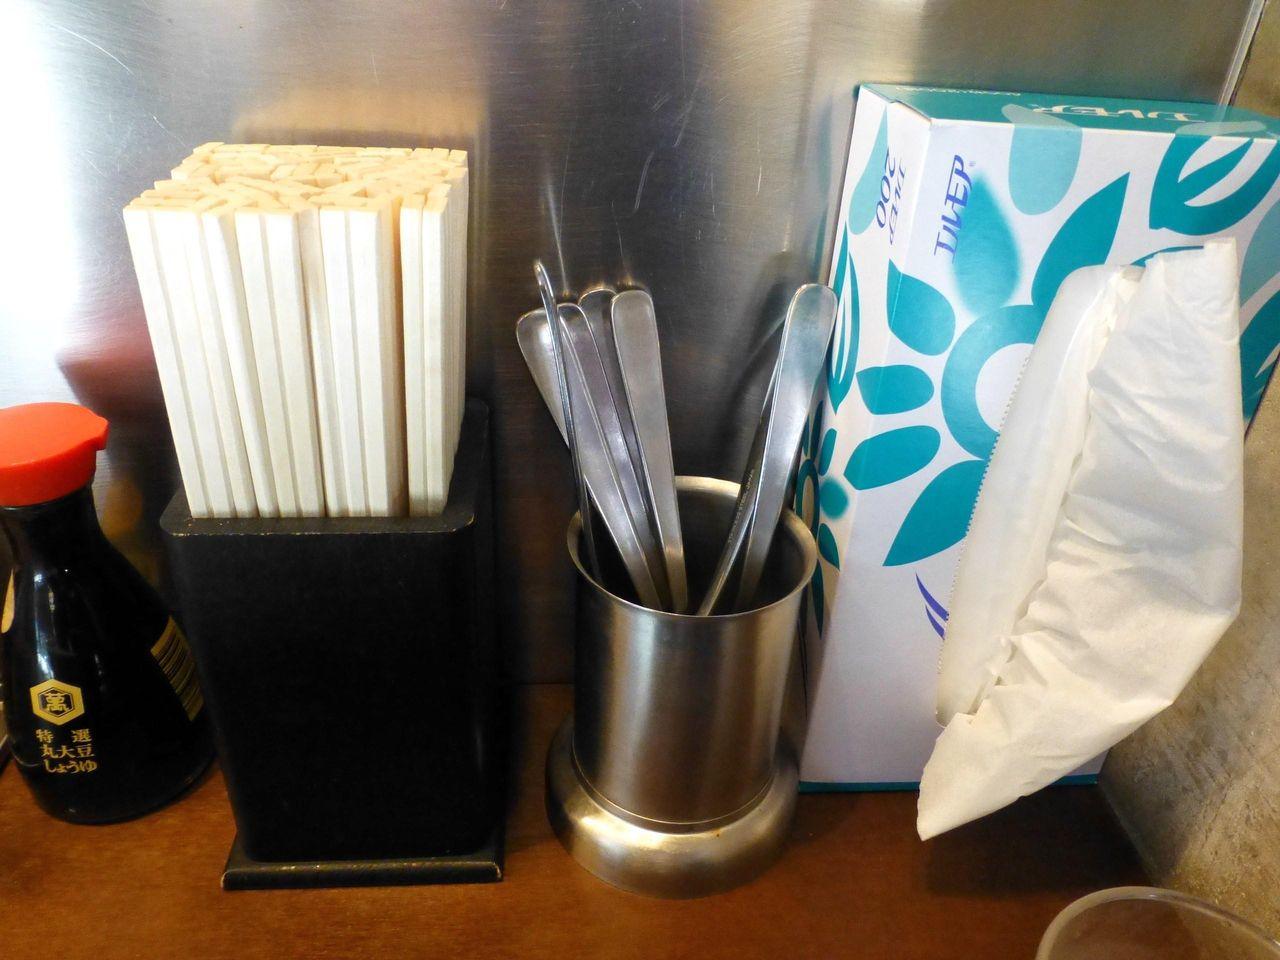 割箸とスプーンを用意してあるのは、気が利いています!